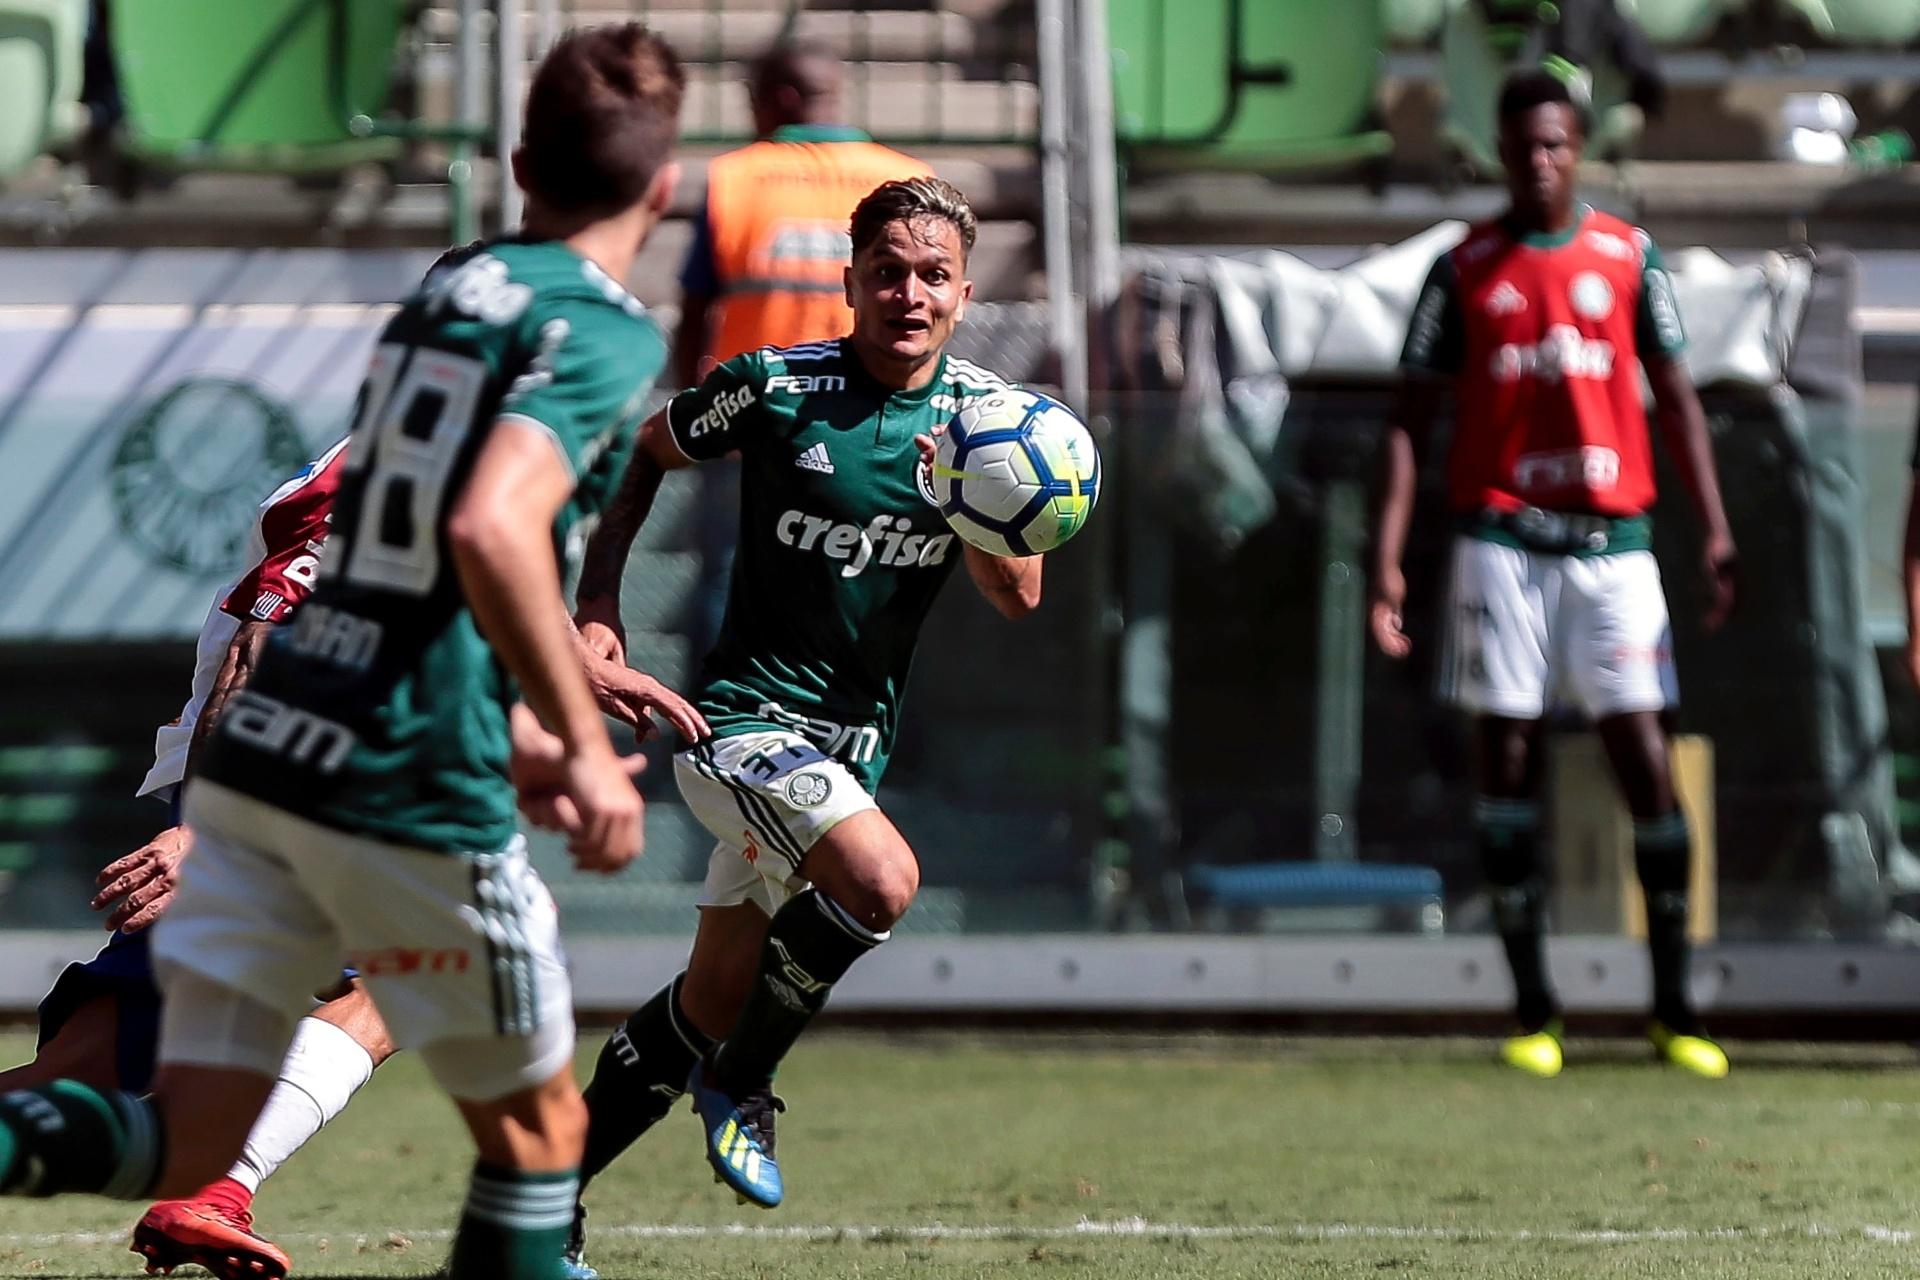 Palmeiras encaminha empréstimo de atacante Artur ao Bahia por um ano -  28 12 2018 - UOL Esporte 56a4866c2a517